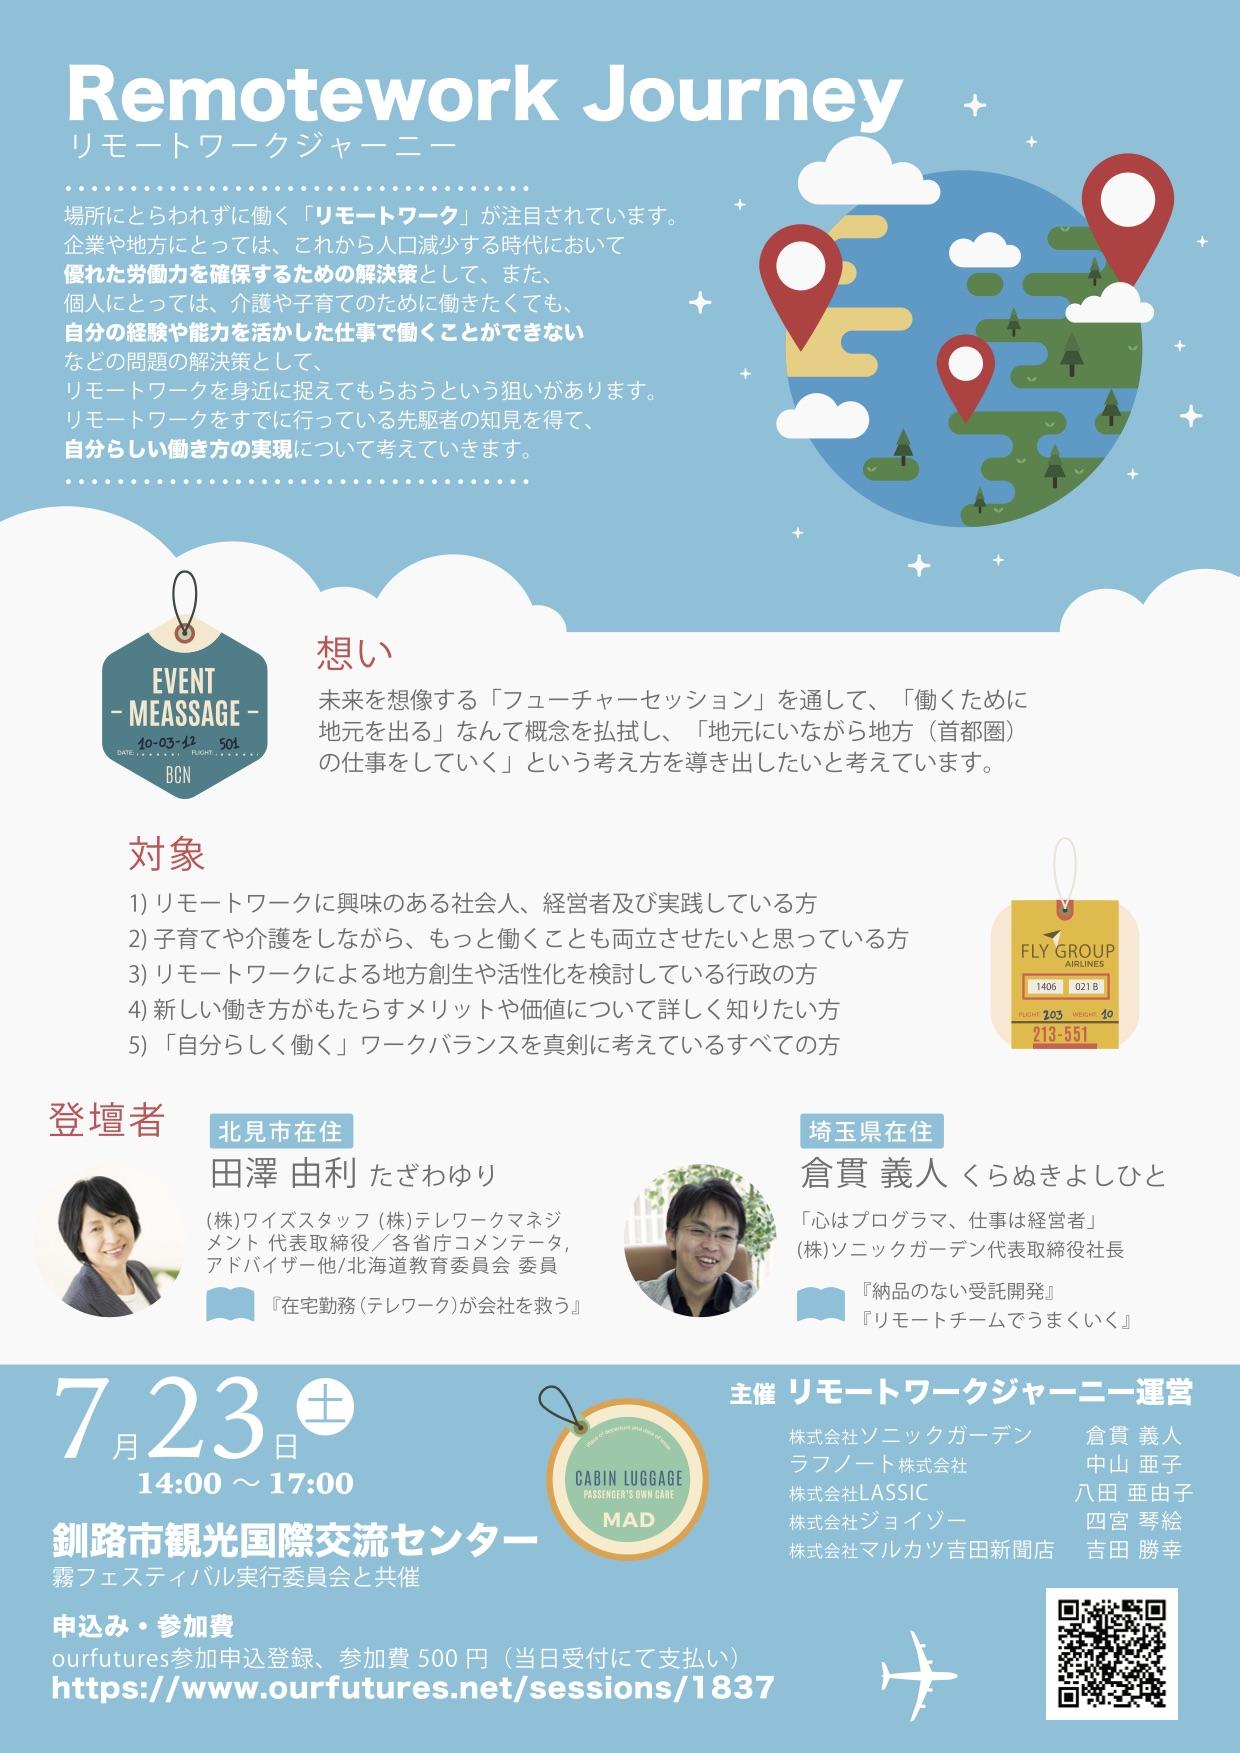 7月23日はリモートワークジャーニー@釧路です!